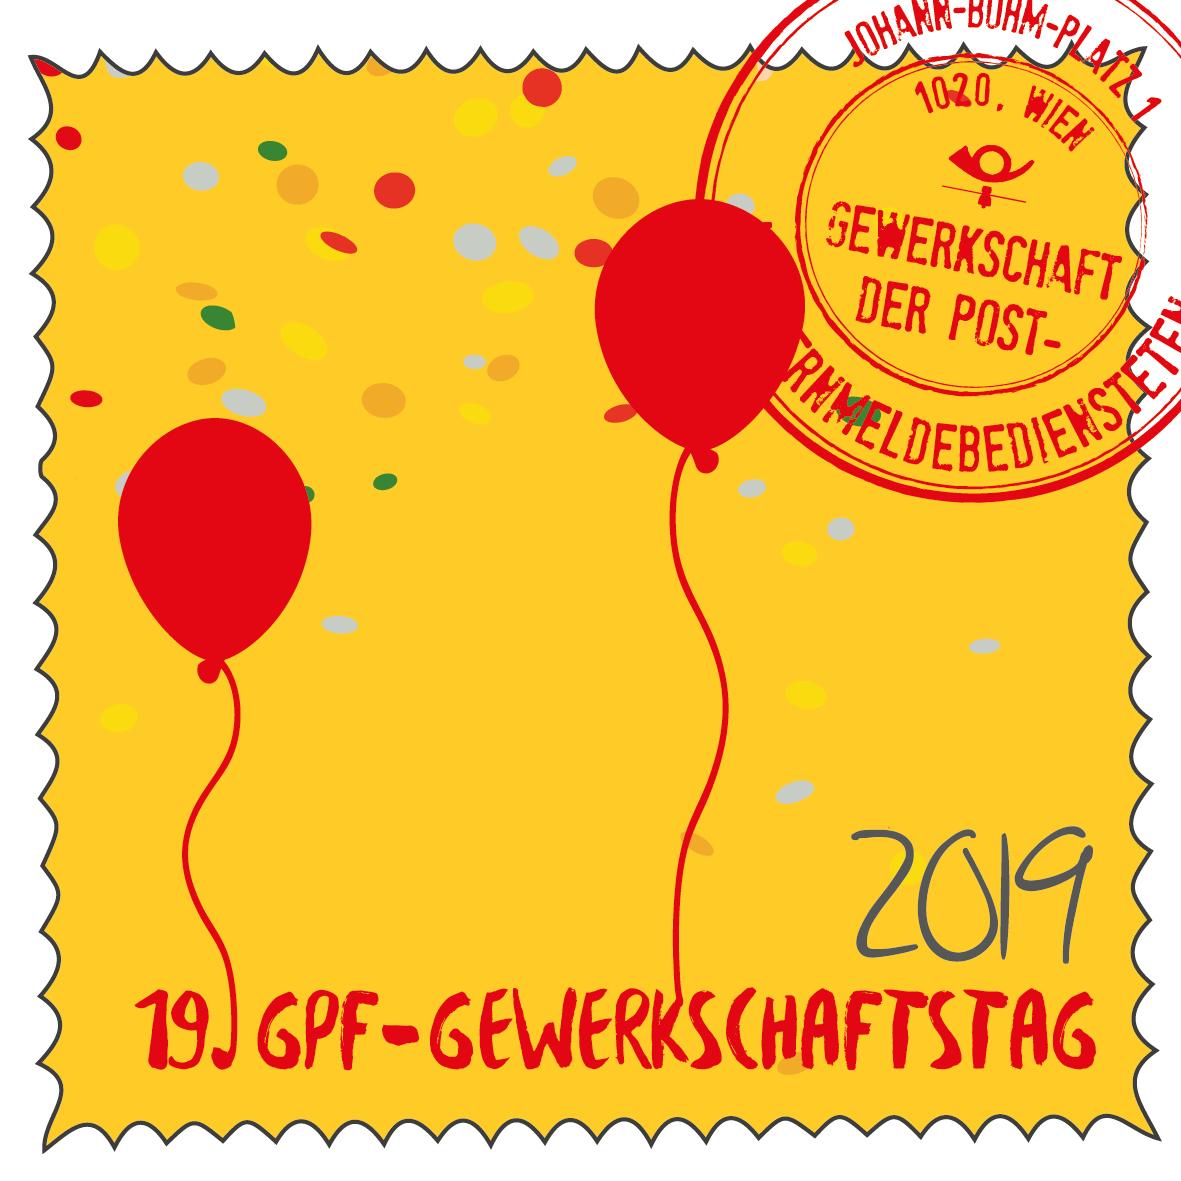 Gewerkschaftstag Briefmarke